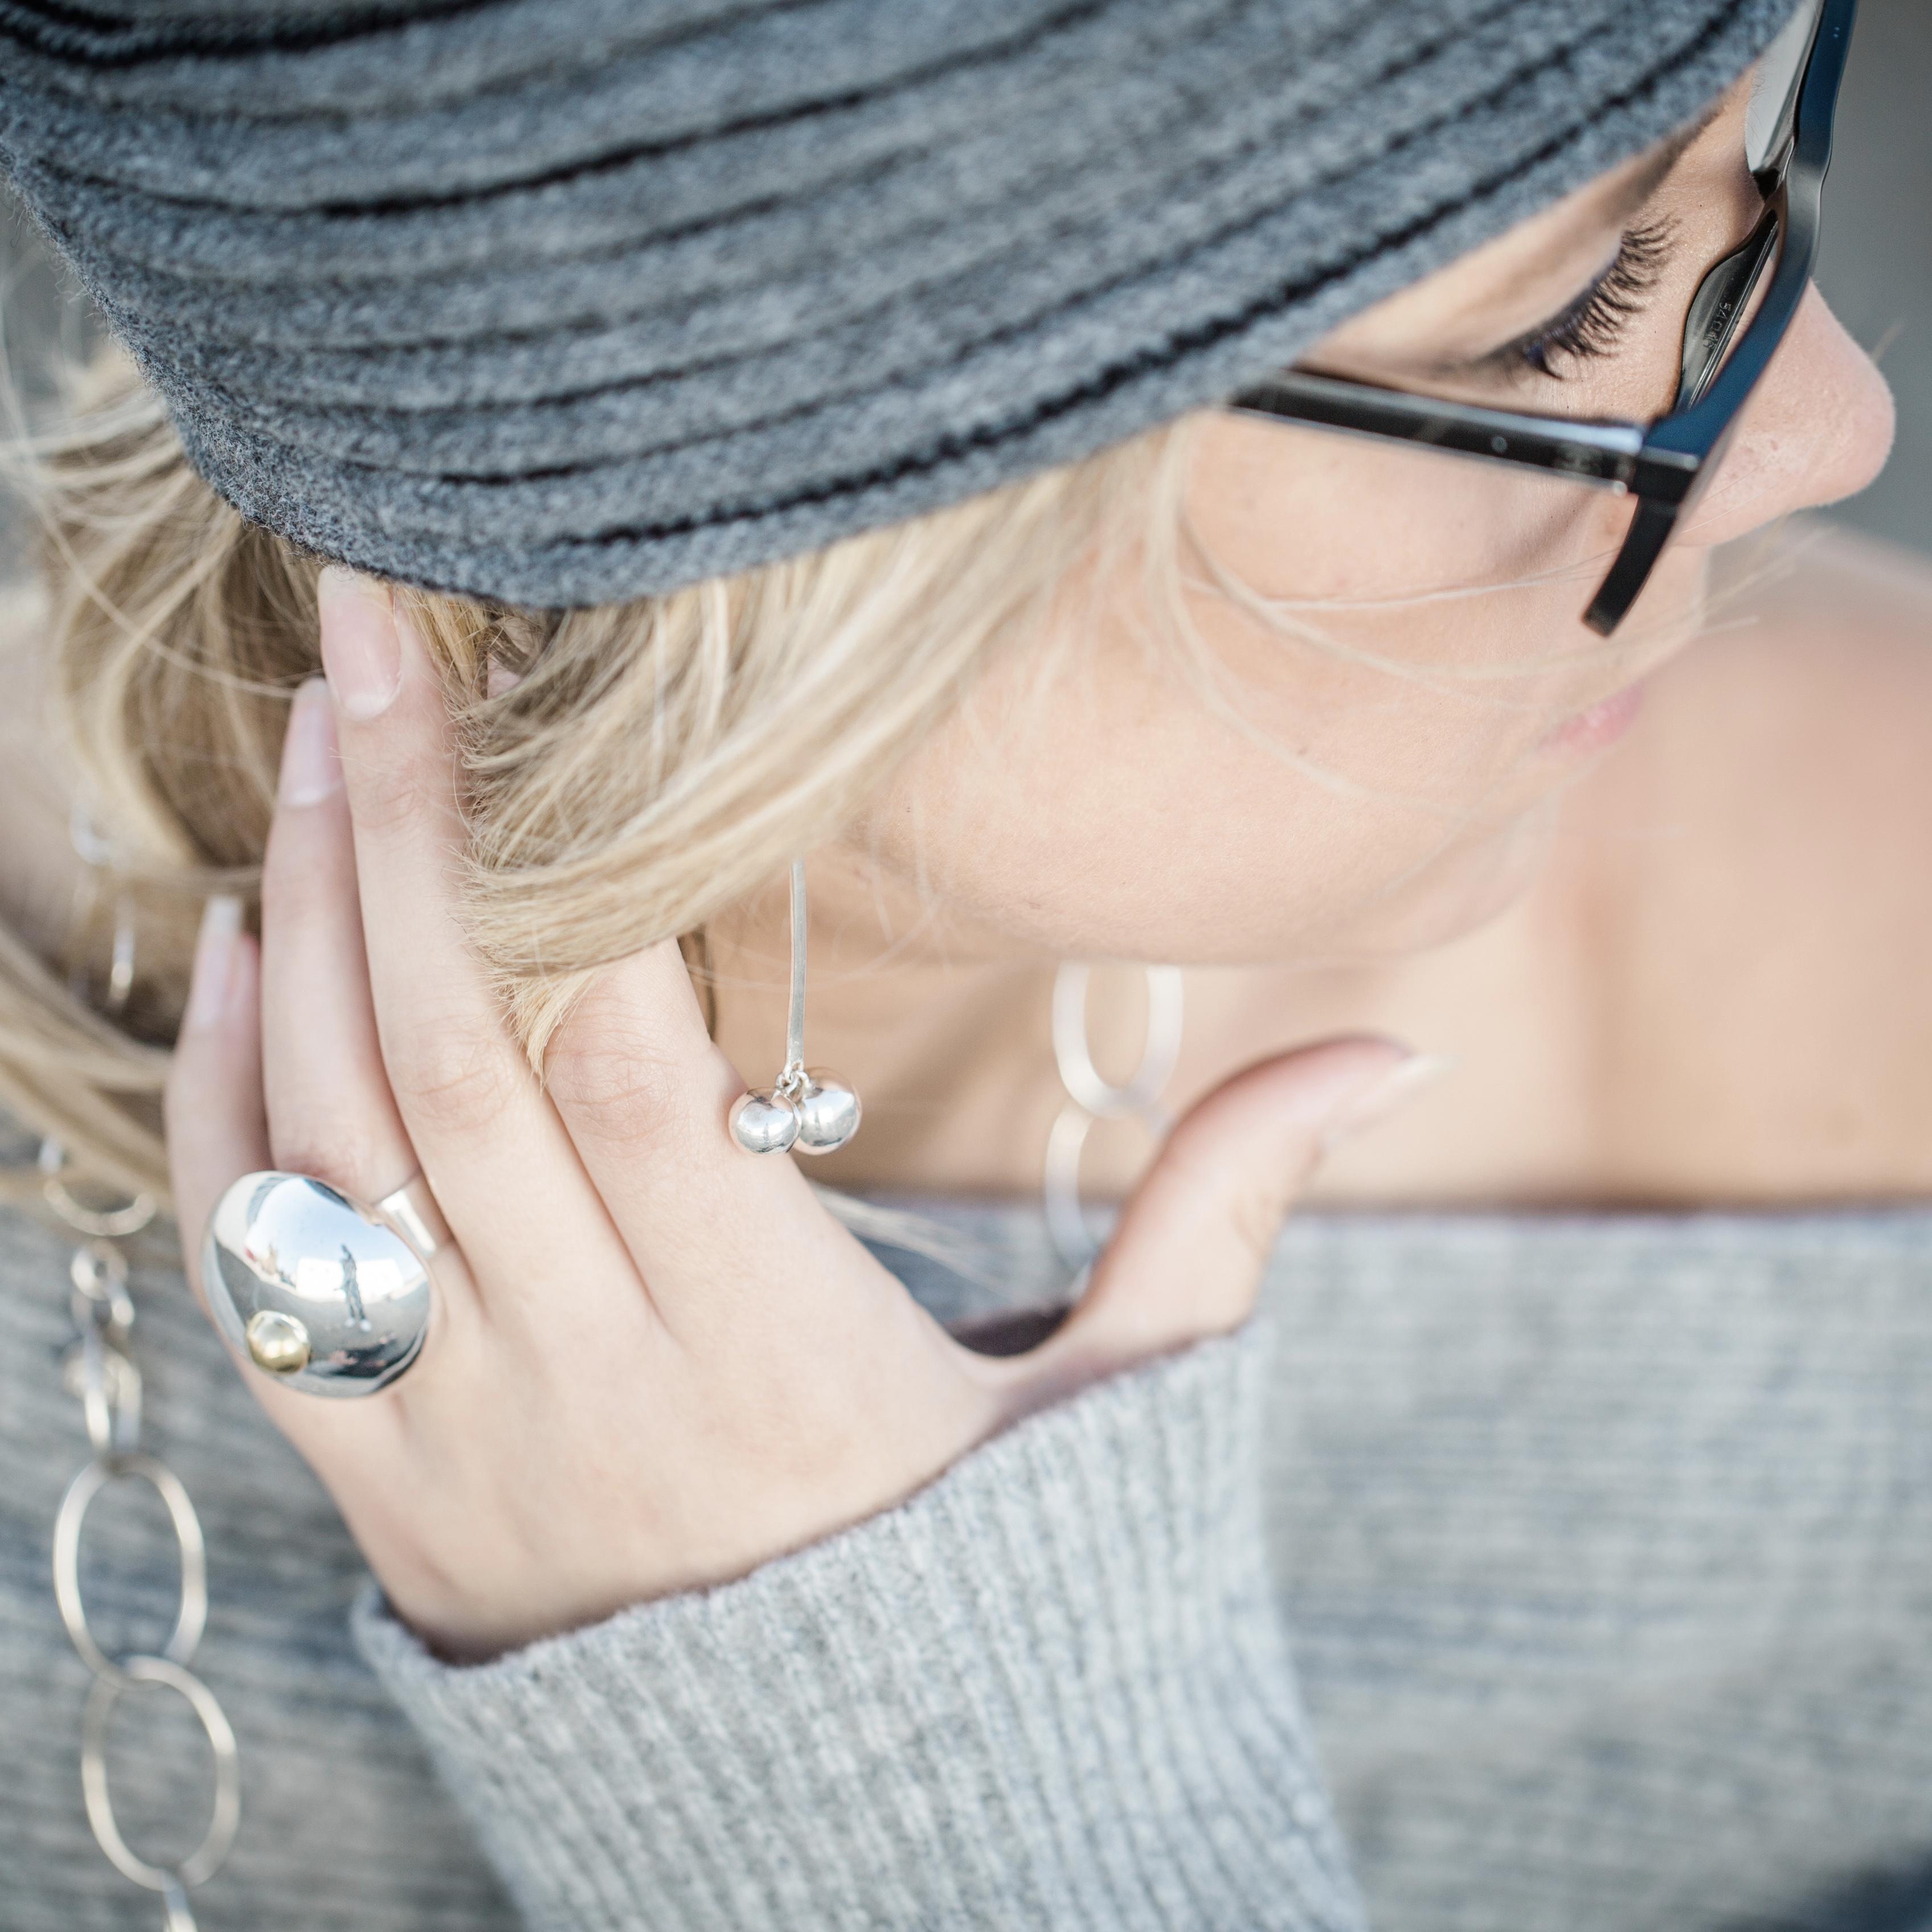 Stor silverring, långa örhängen och en lång silverkedja med oregelbundna öglor. Big silver ring, long earrings, long silver chain.